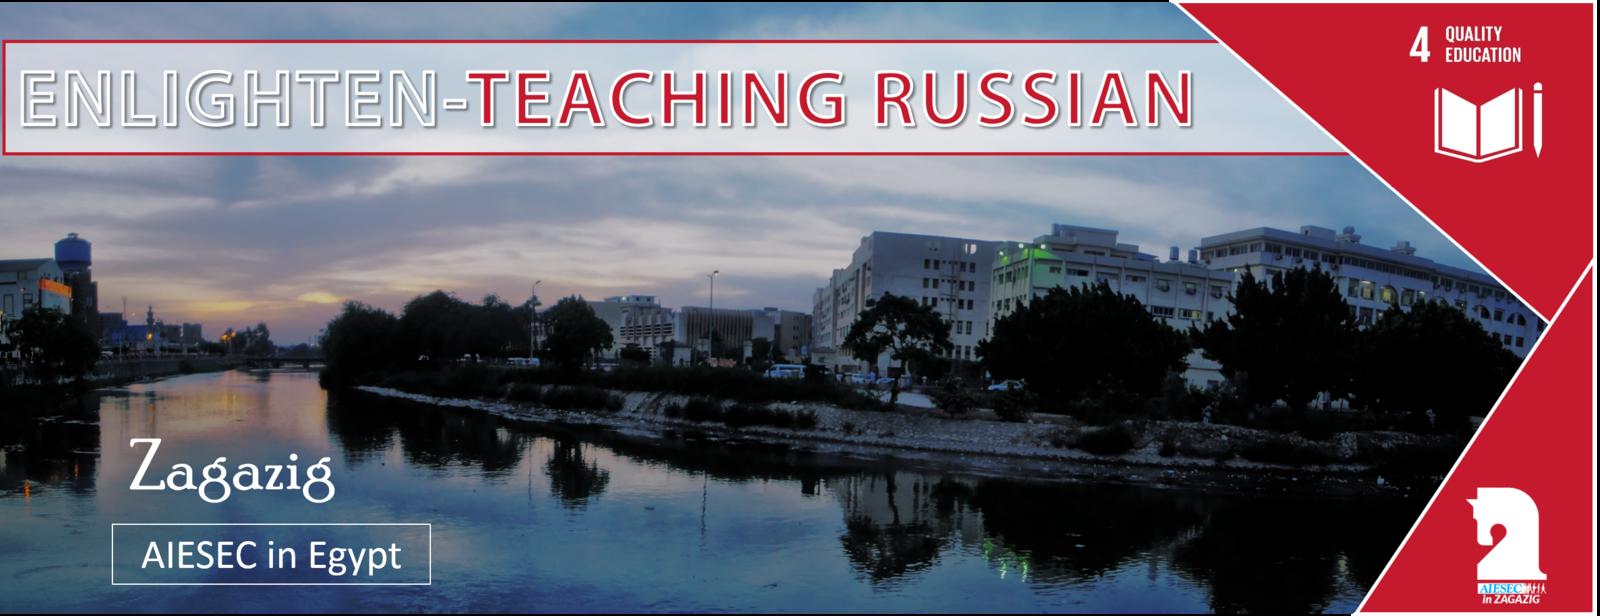 Enlighten - Teaching Russian Opportunity in EGYPT #4